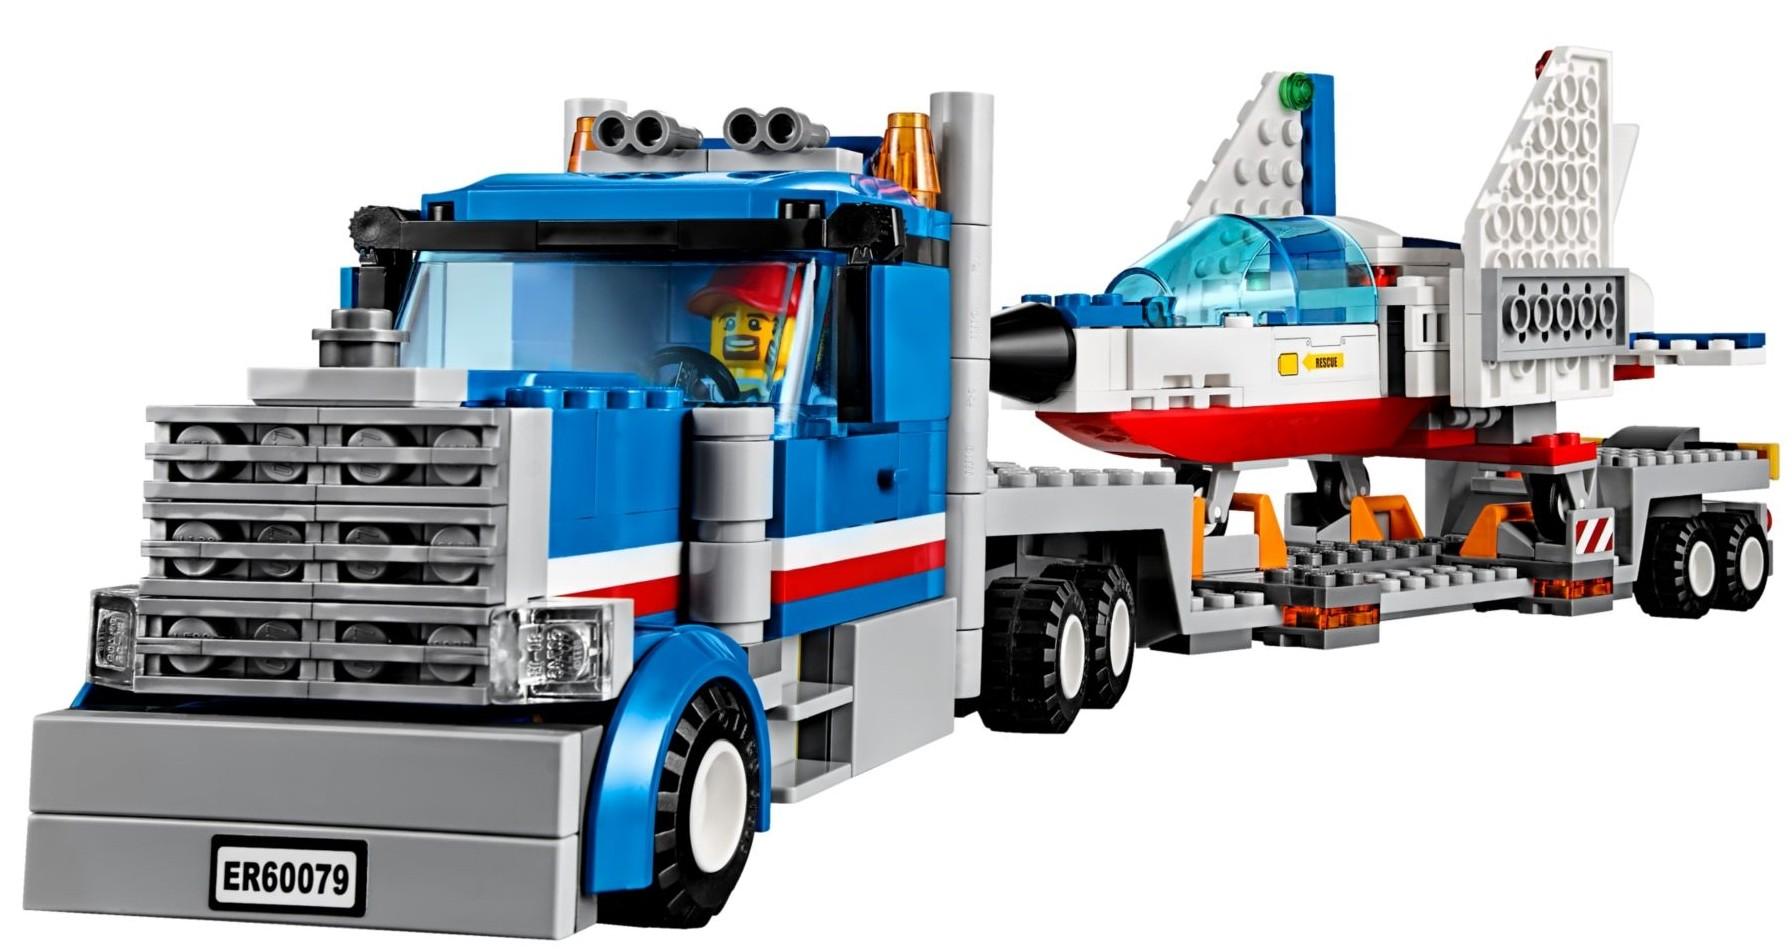 лего транспортер мотоциклов инструкция